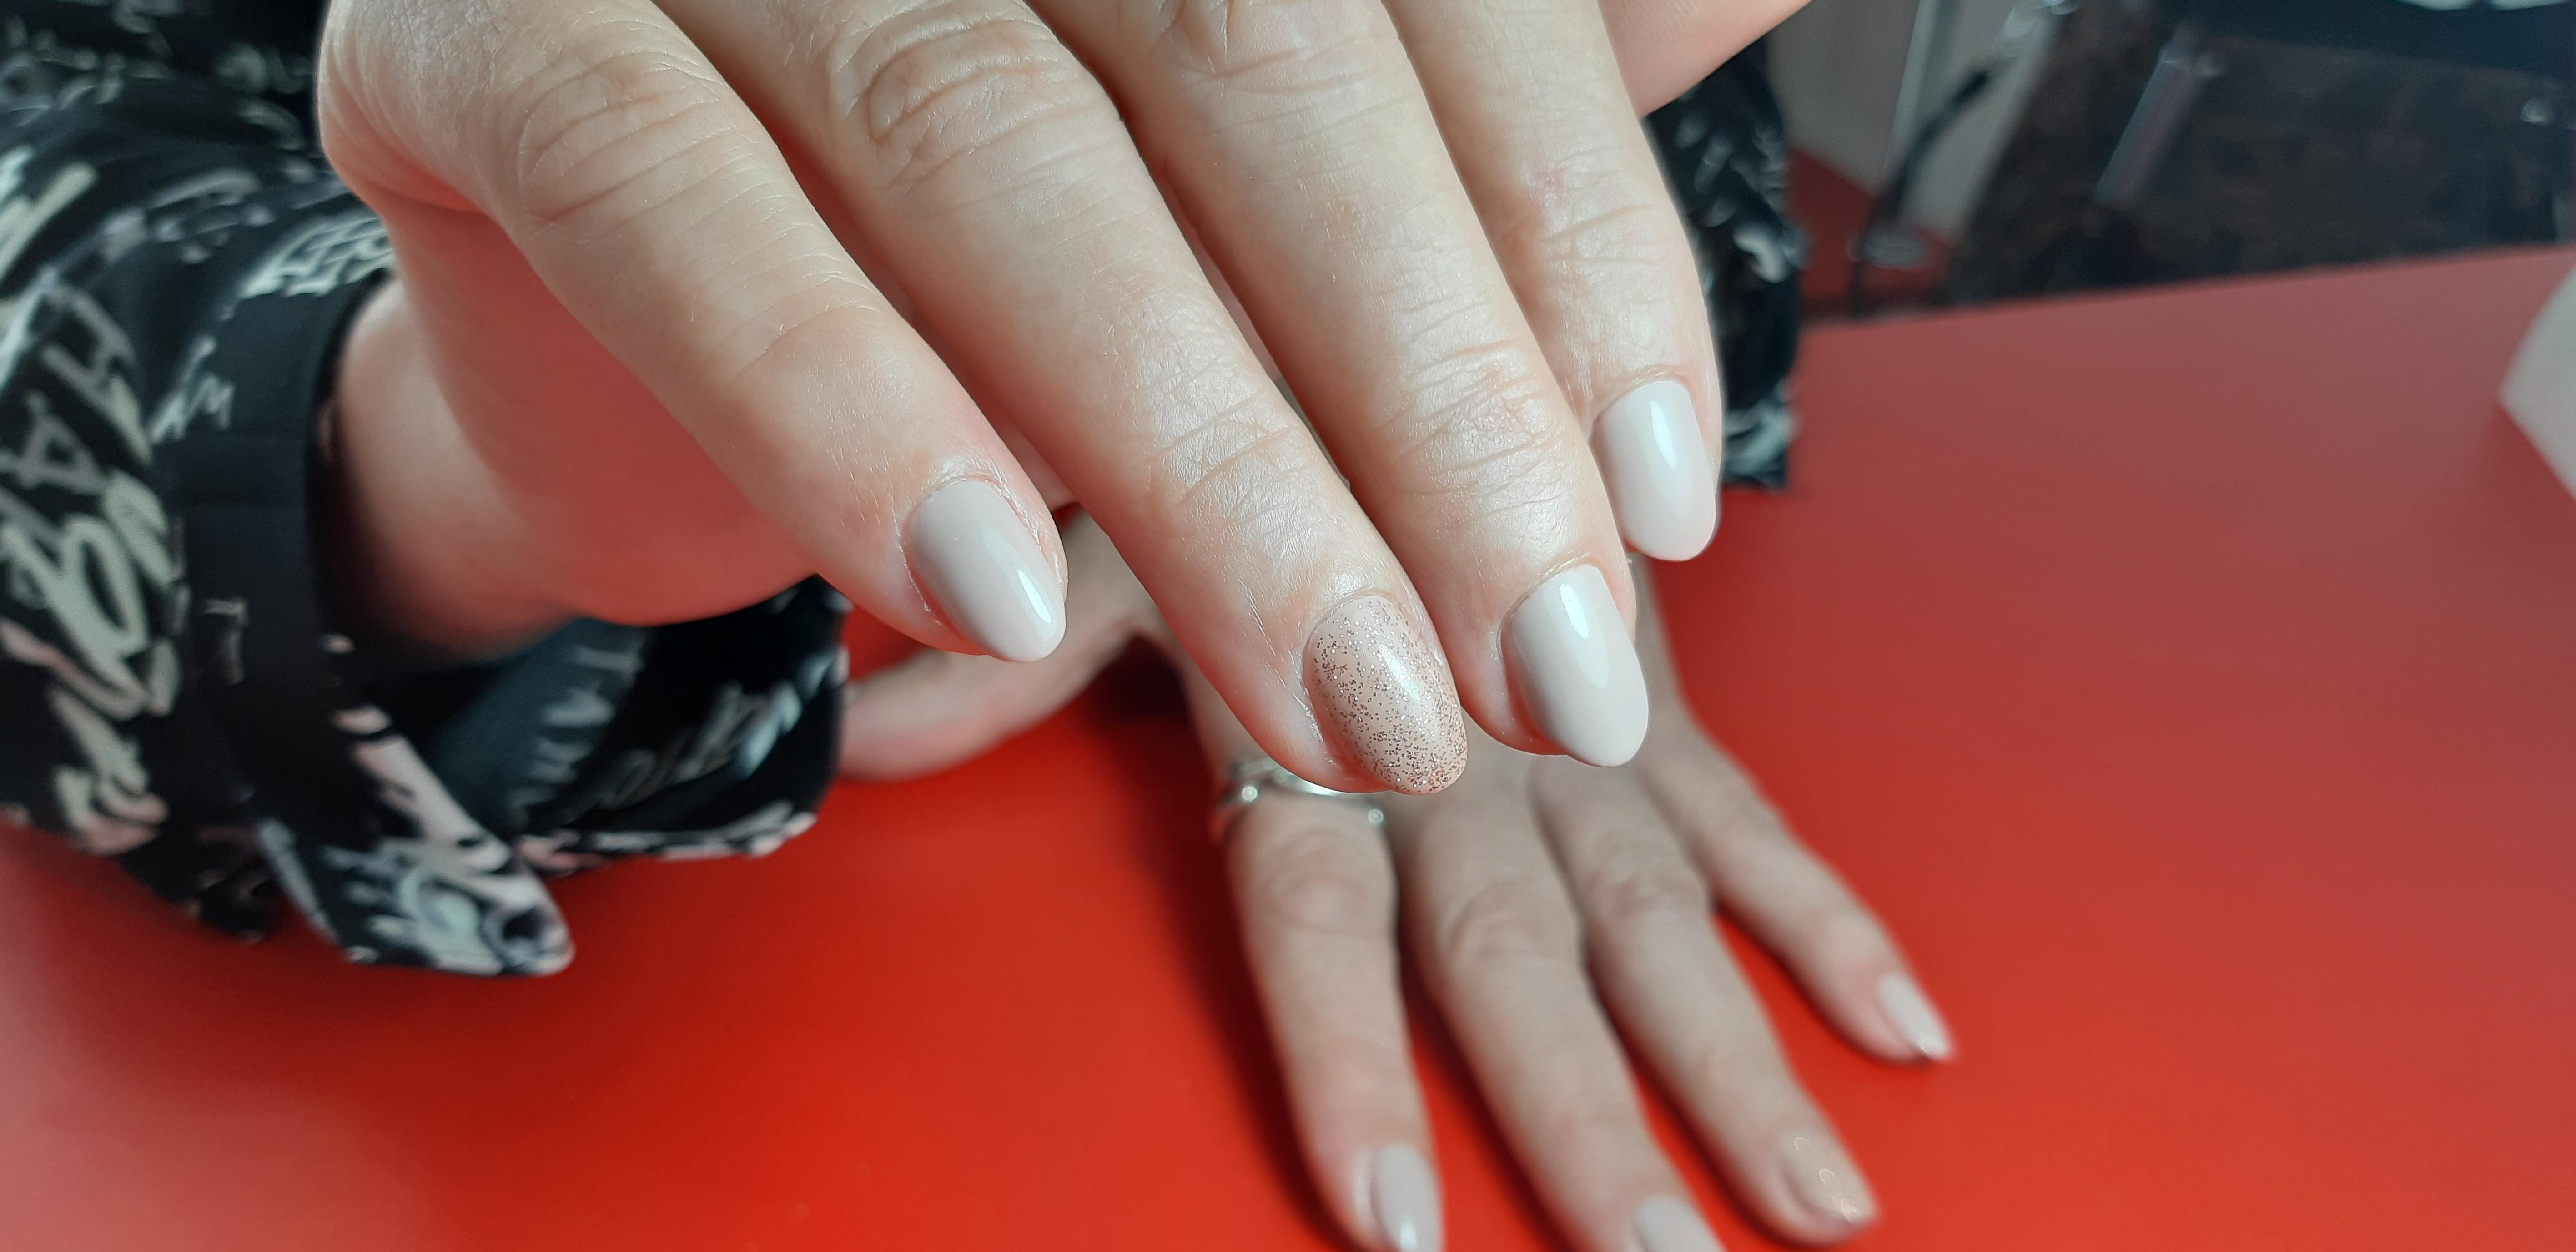 Маникюр с блестками в молочном цвете на короткие ногти.